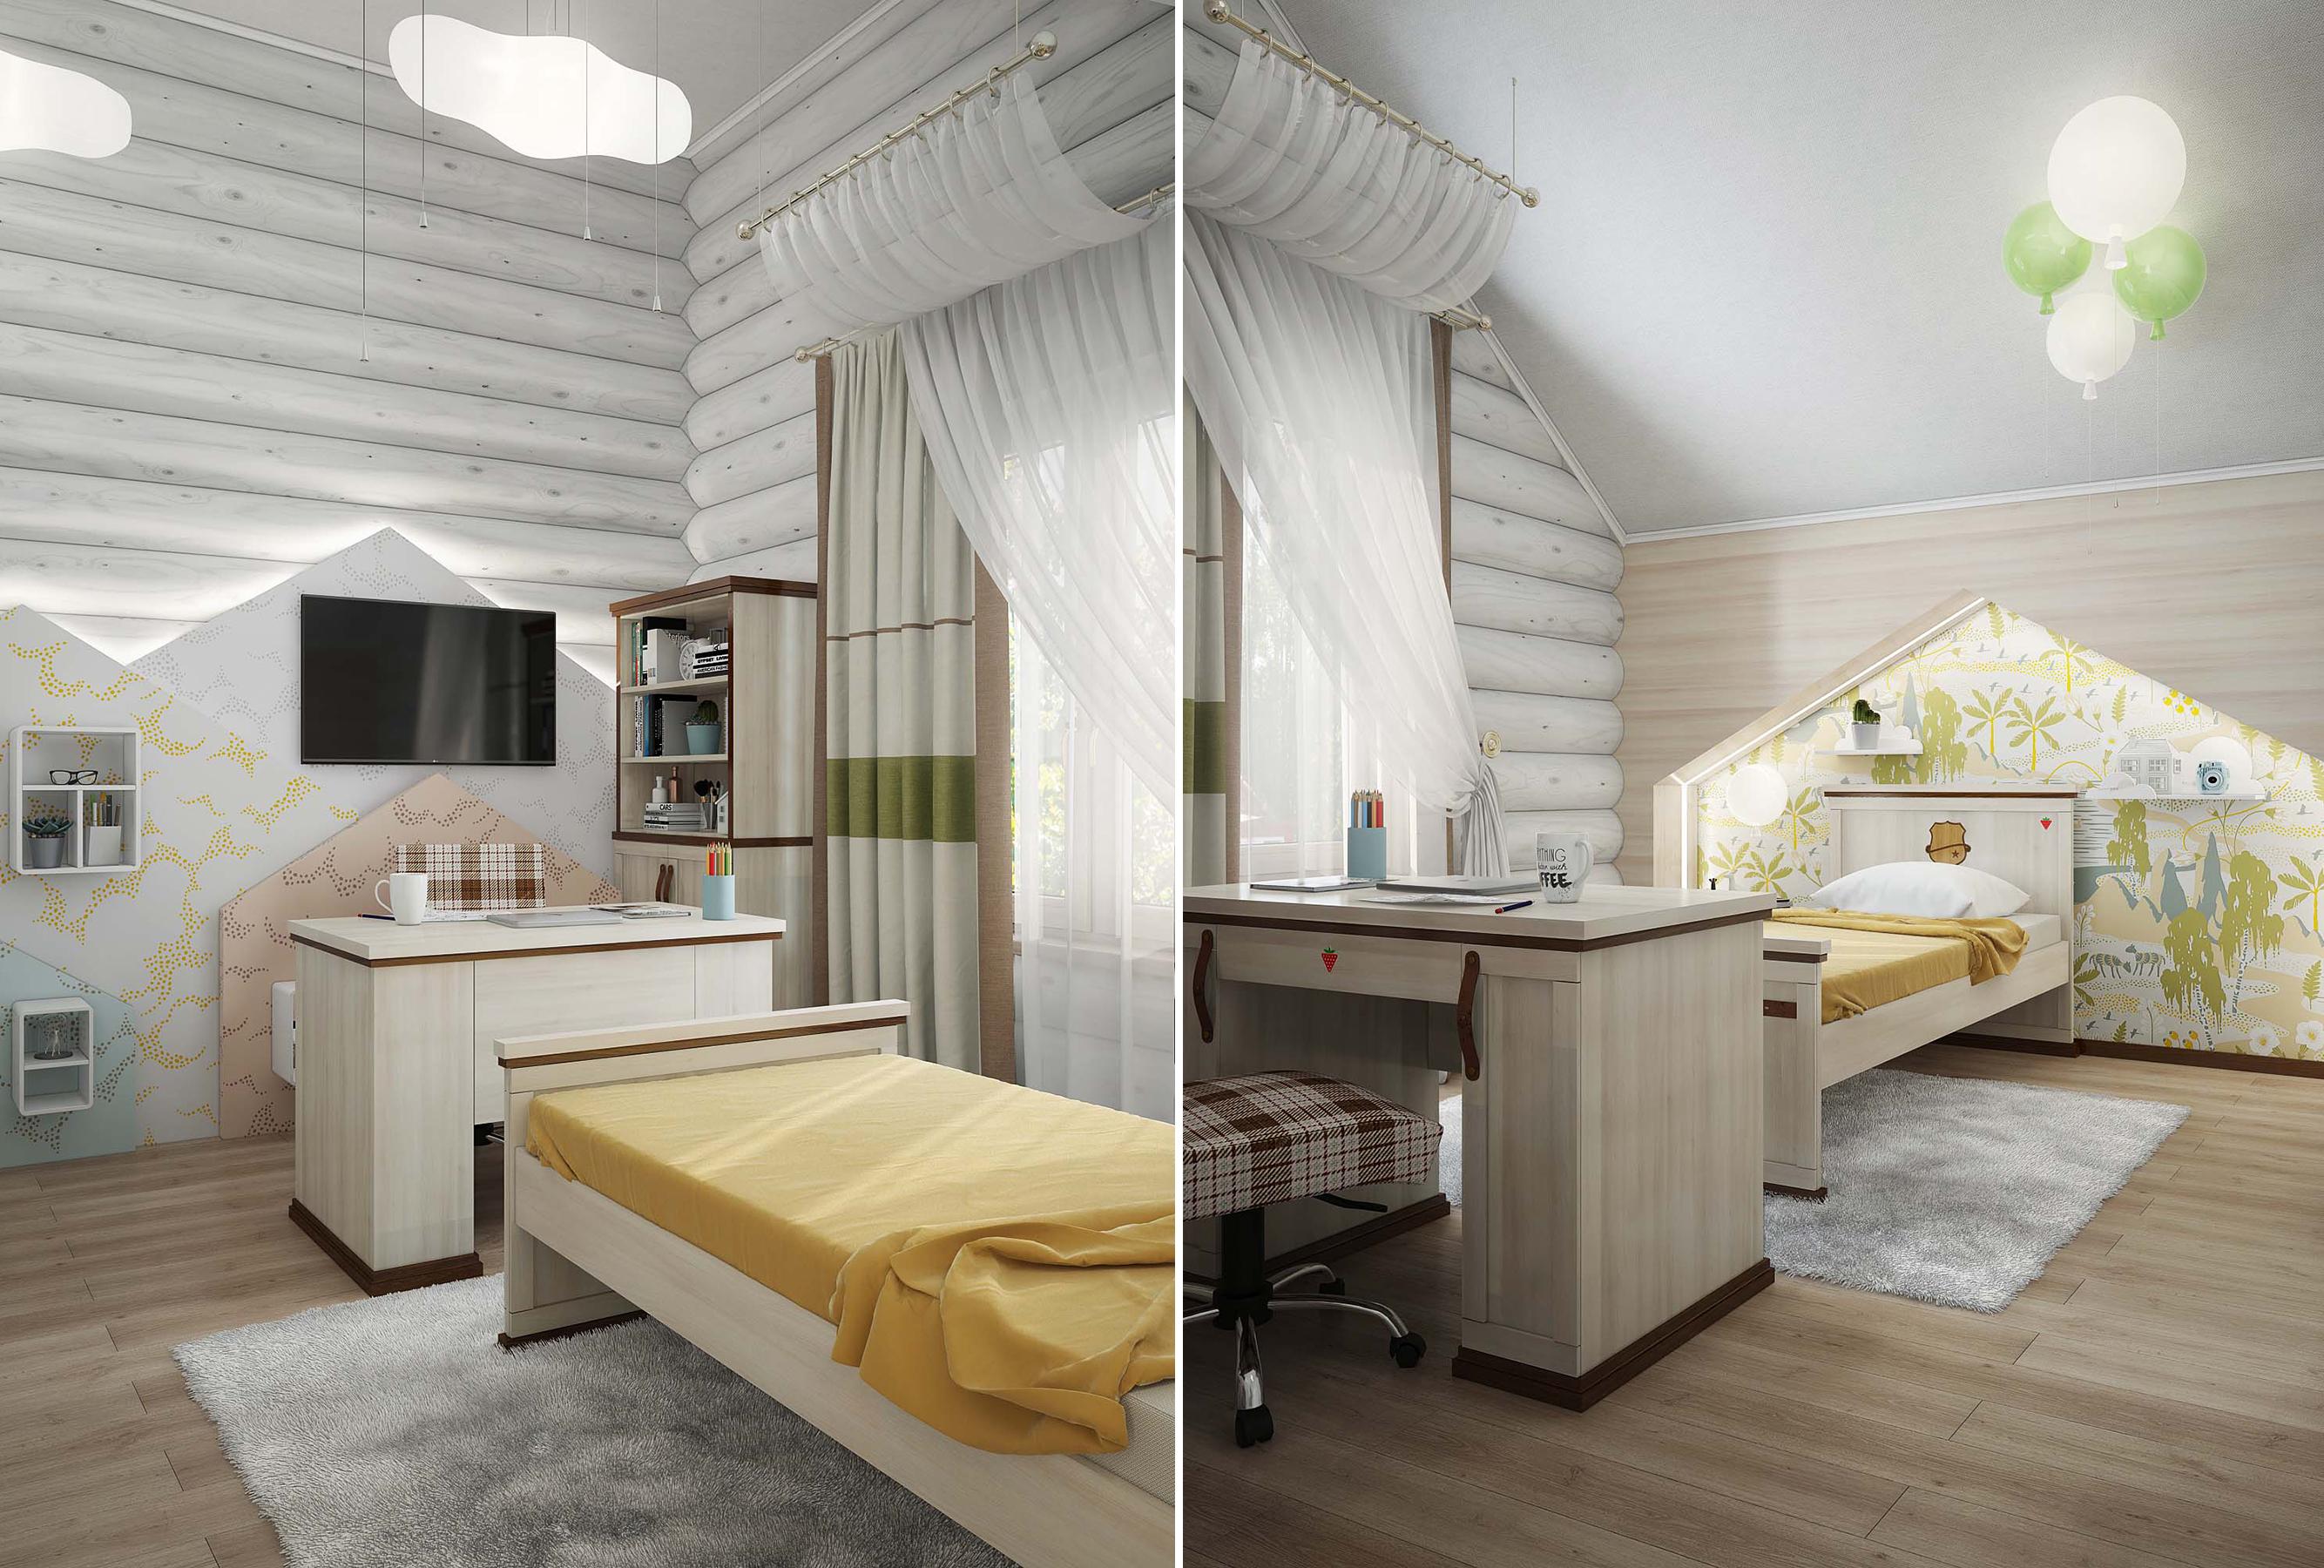 Дизайн интерьера детской комнаты в деревянном доме